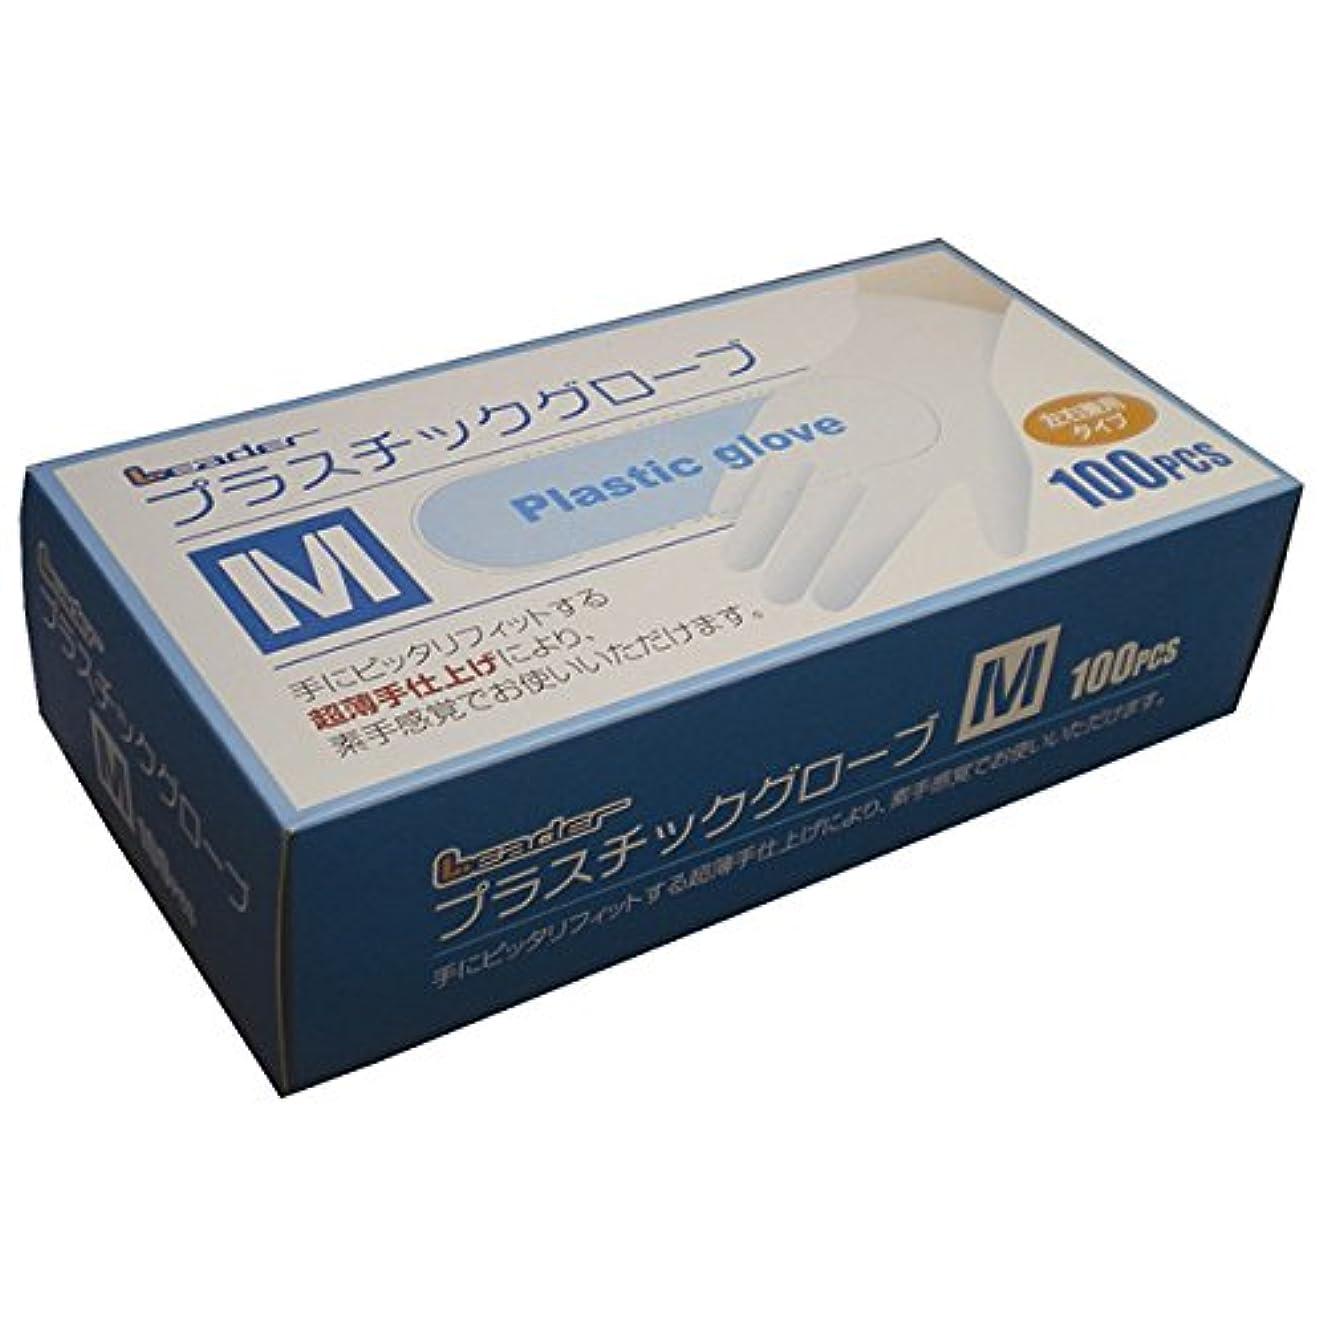 市民多様な決定する日進医療器株式会社:LEプラスチックグローブMサイズ100P 10個入 784492